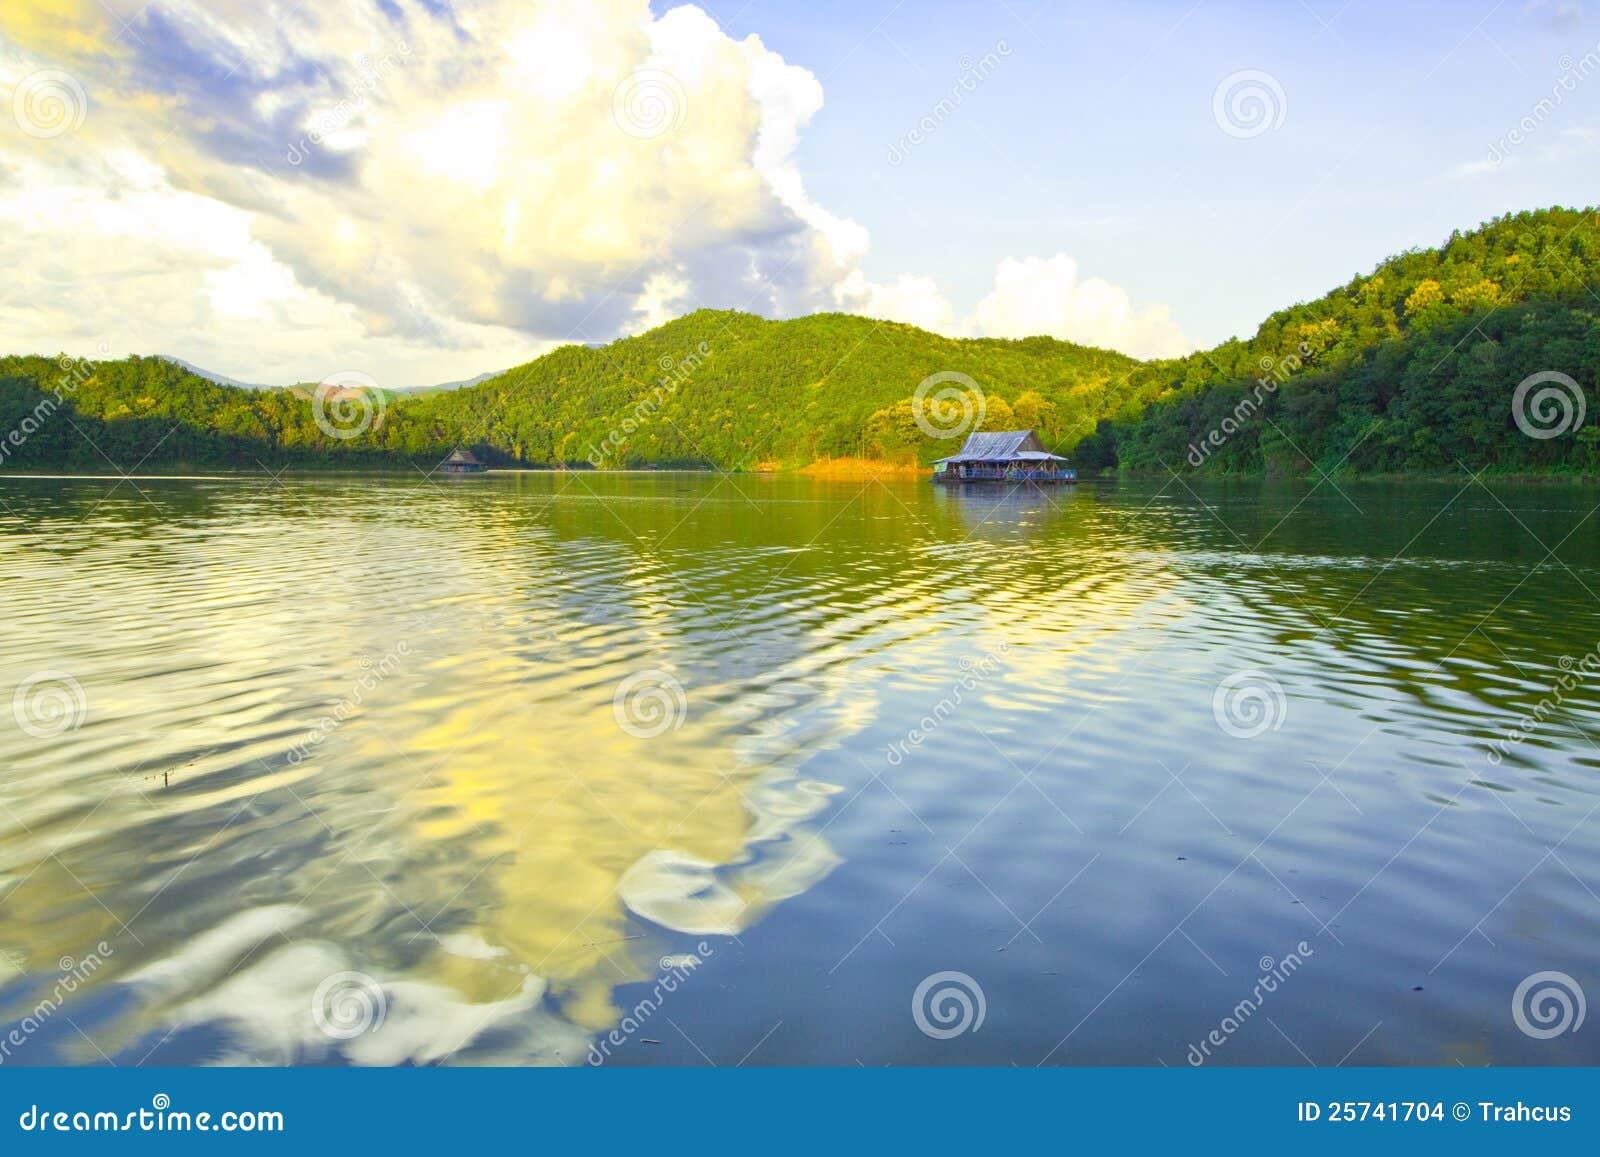 Het water van het landschap en dekkingsvlot voor toerisme stock foto afbeelding 25741704 - Groen behang van het water ...